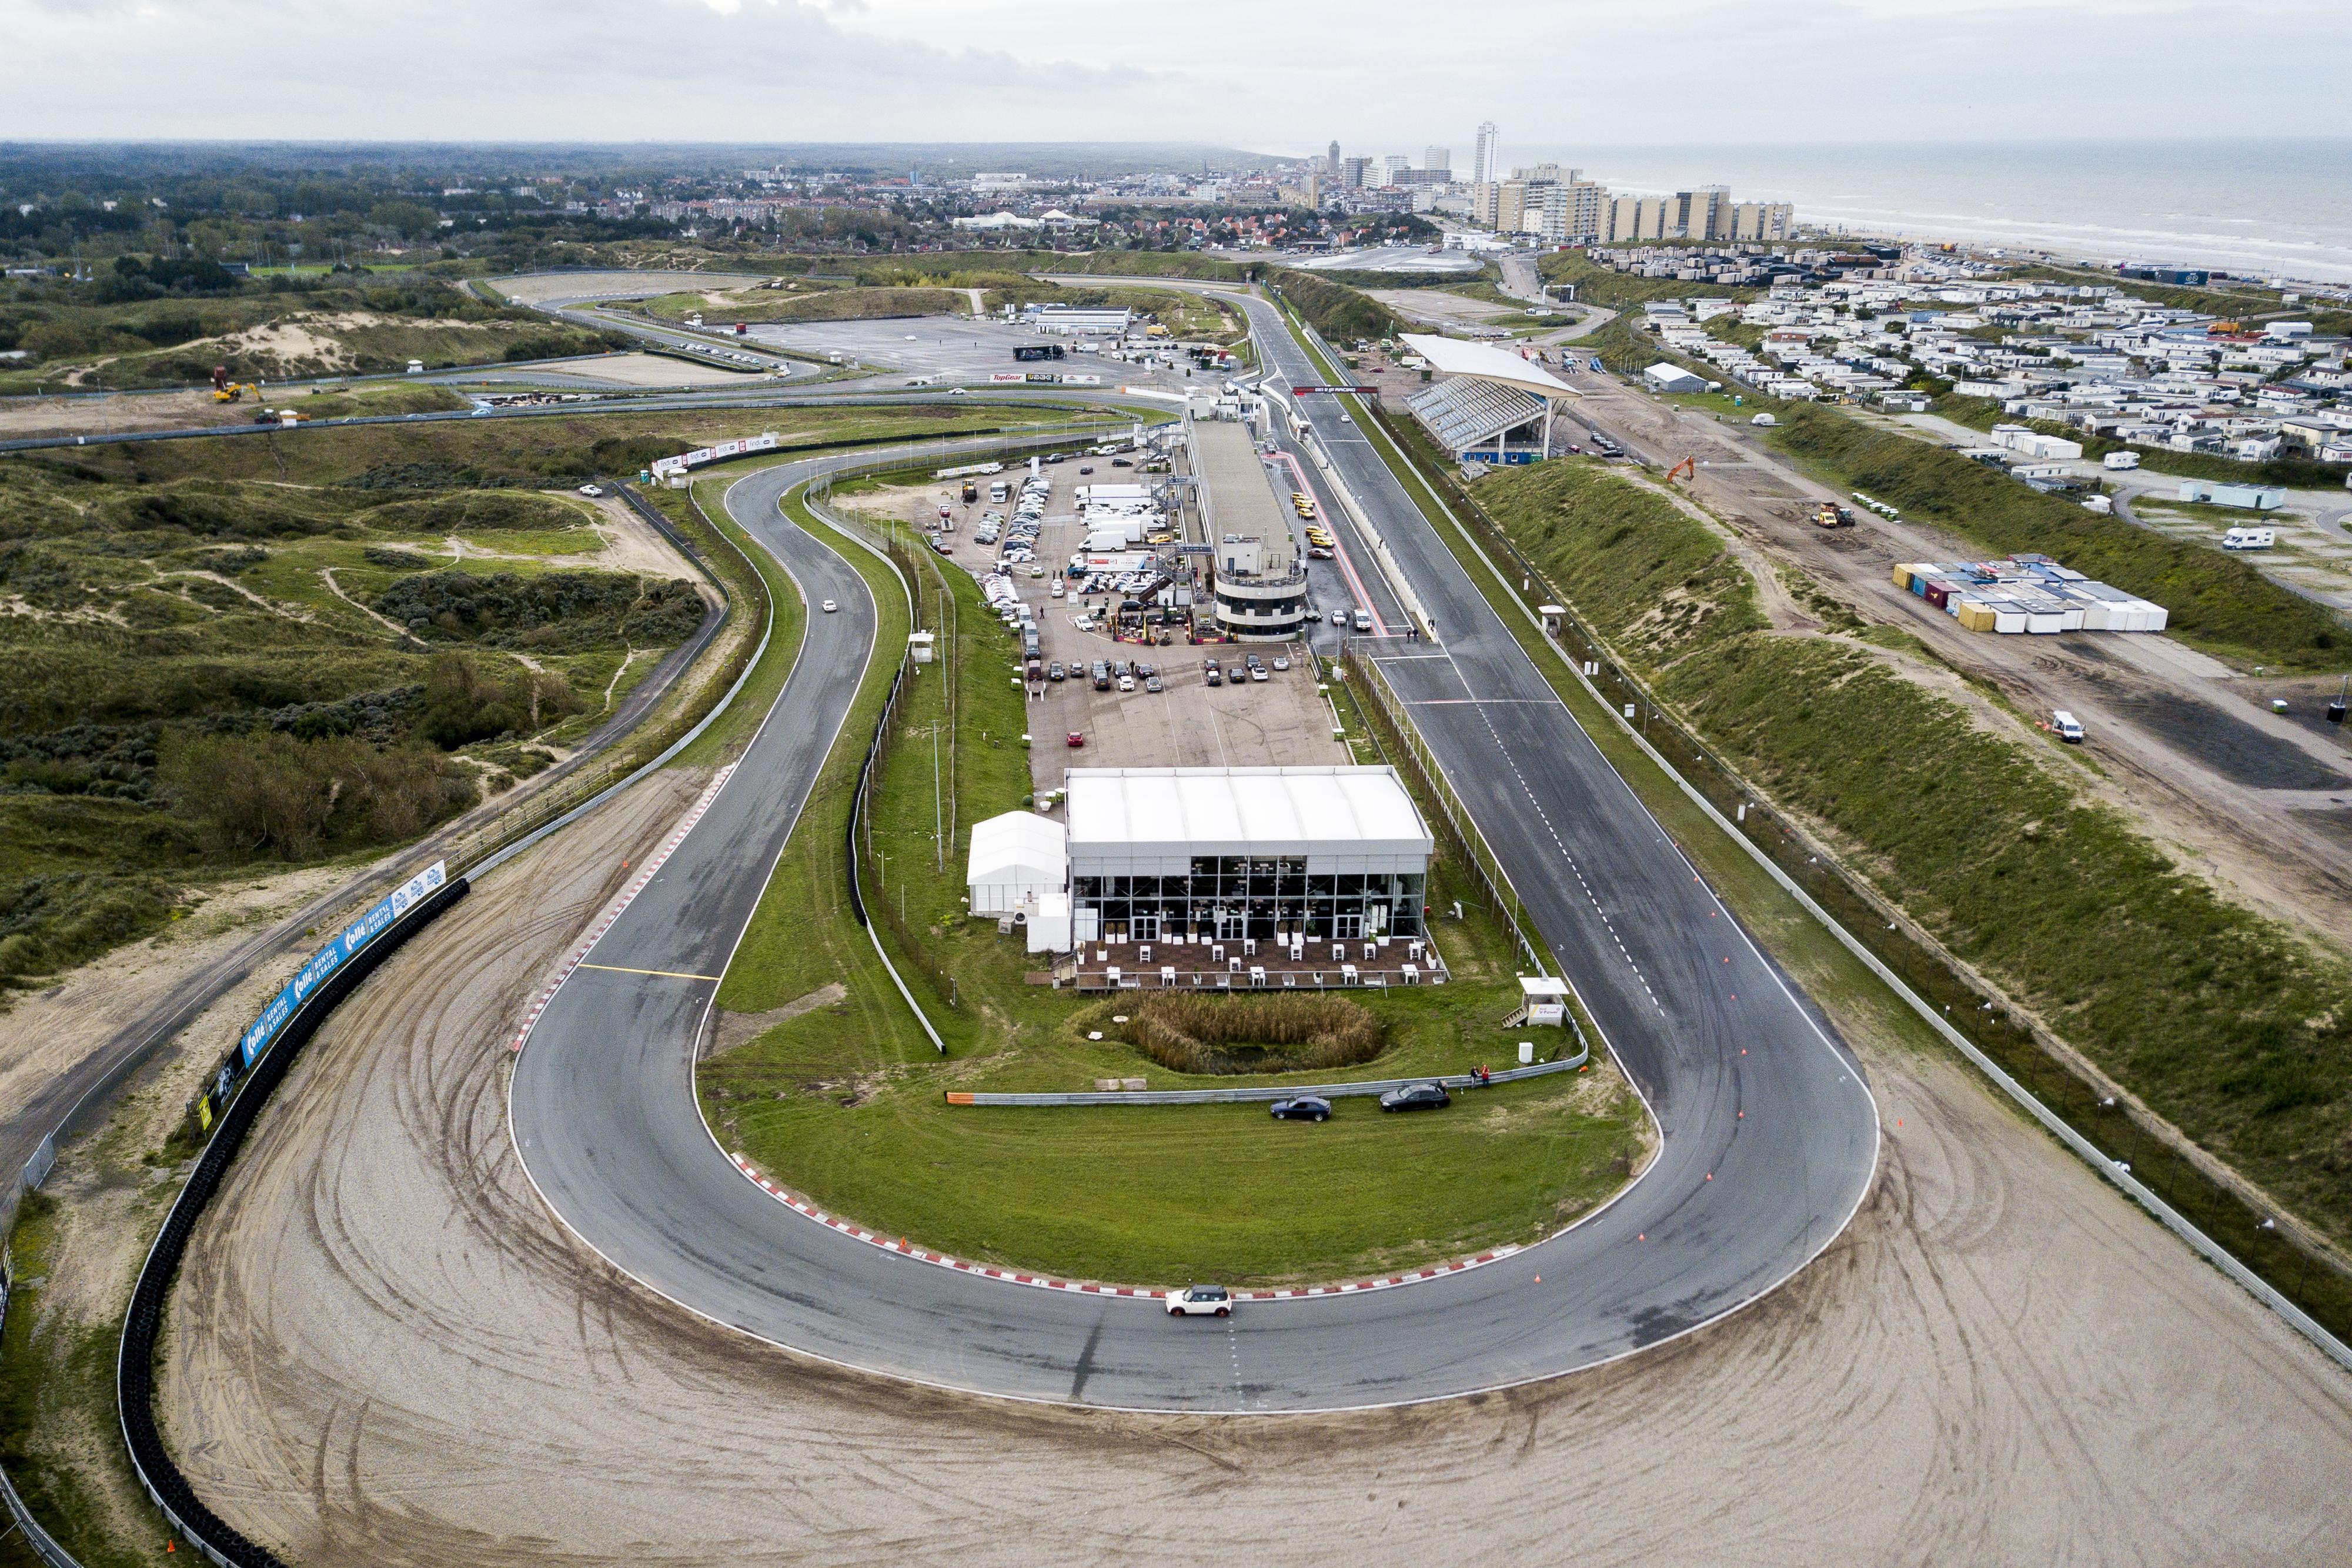 Milieugroepen verliezen ook tweede rechtszaak tegen Formule 1 in Zandvoort, verbouwing start maandag